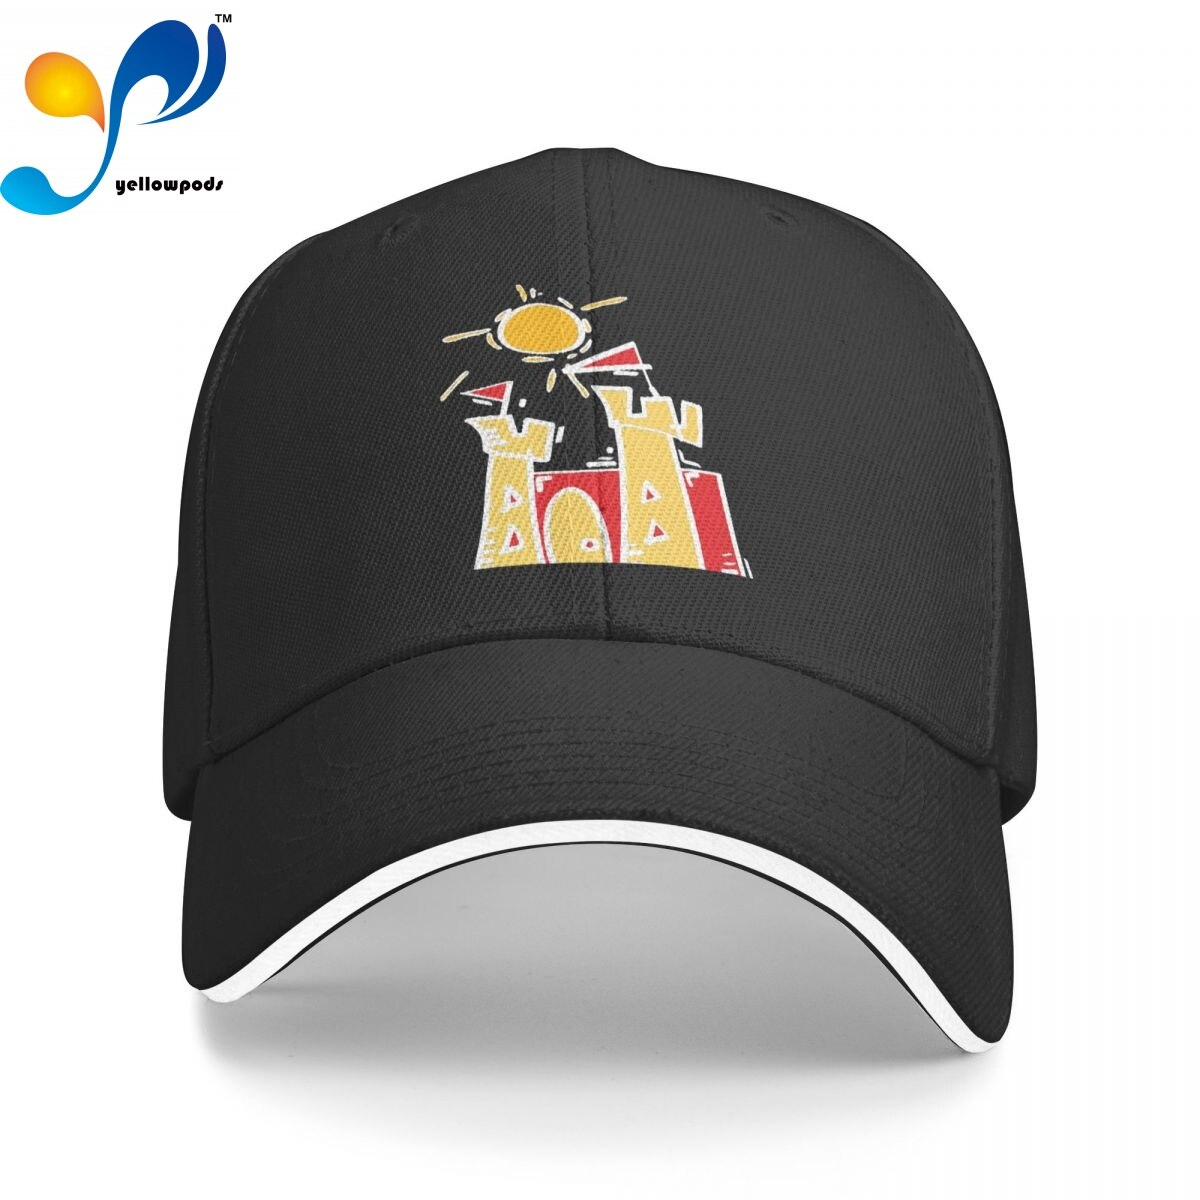 Бейсболка Splas B с логотипом KingdomLogo, регулируемые бейсболки унисекс, шапки с клапаном для мужчин и женщин